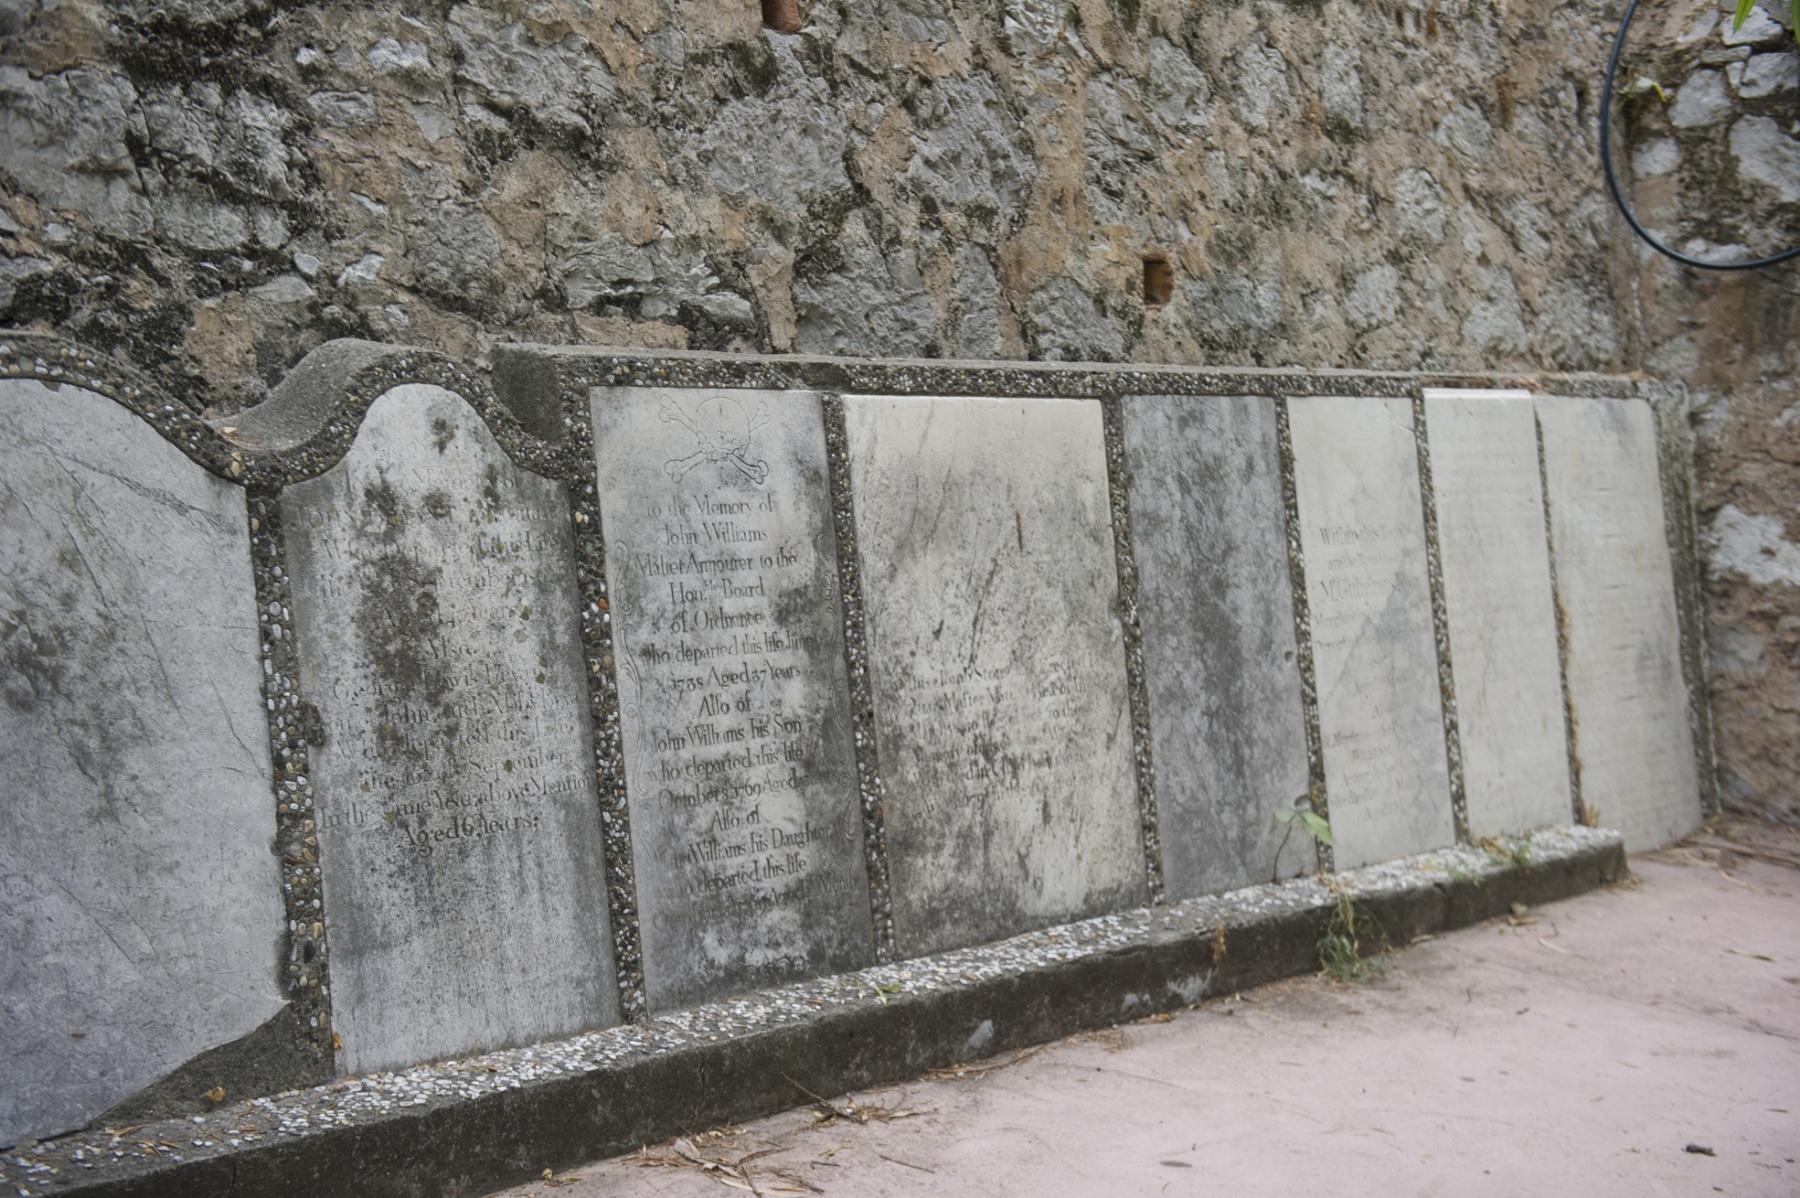 cementerio-de-trafalgar-gibraltar_22755763771_o